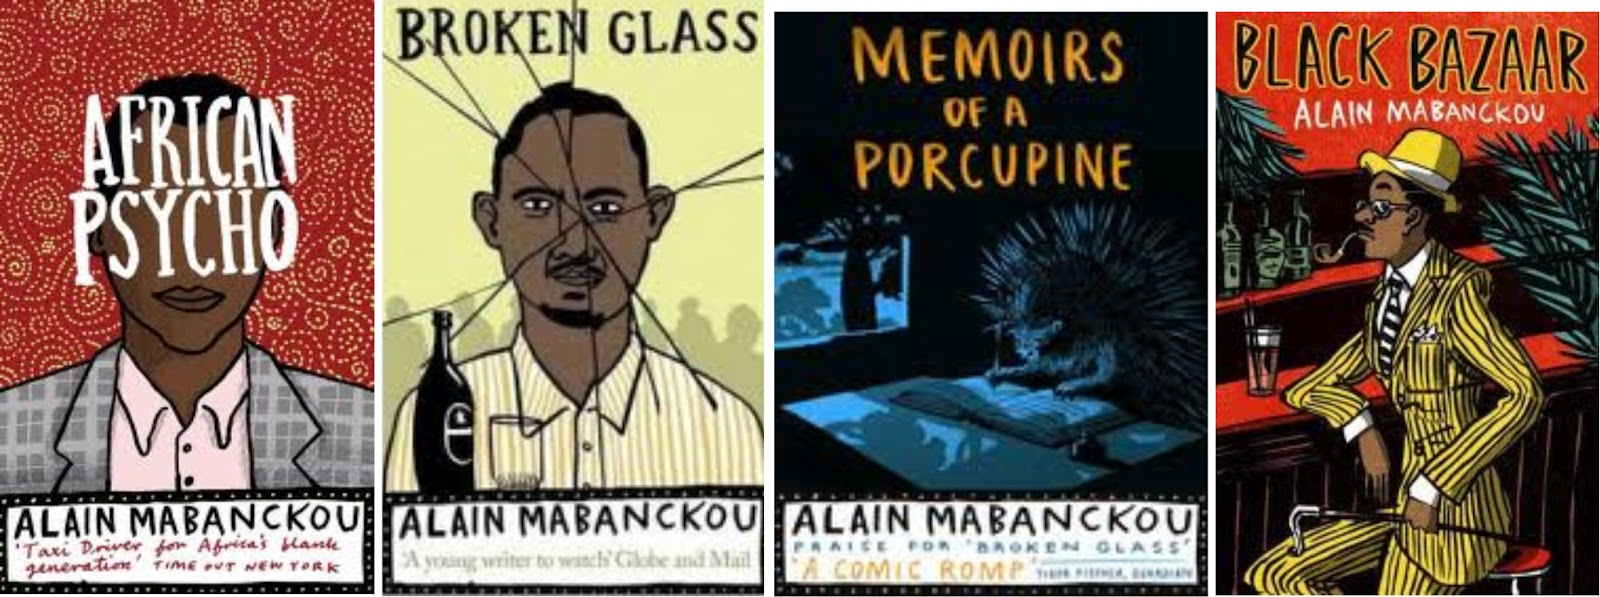 Broken Glass Alain Mabanckou Pdf